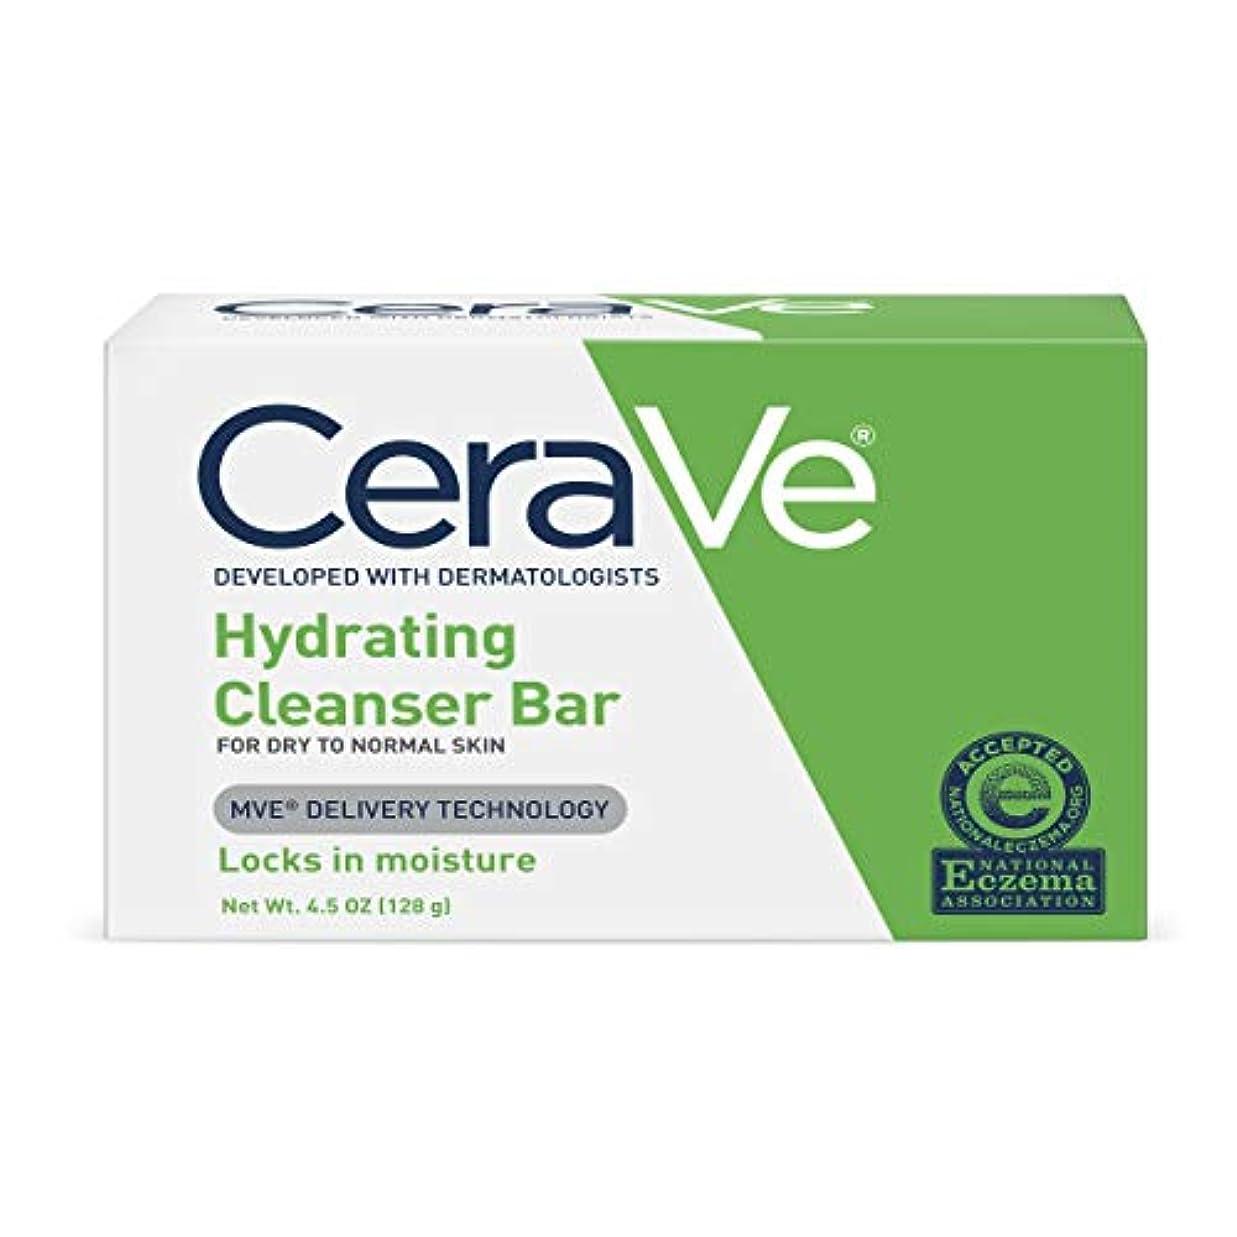 故意のどう?シングルCeraVe 正常皮膚とハイドレイティングクレンザーバードライ - 4.5オズ、5パック